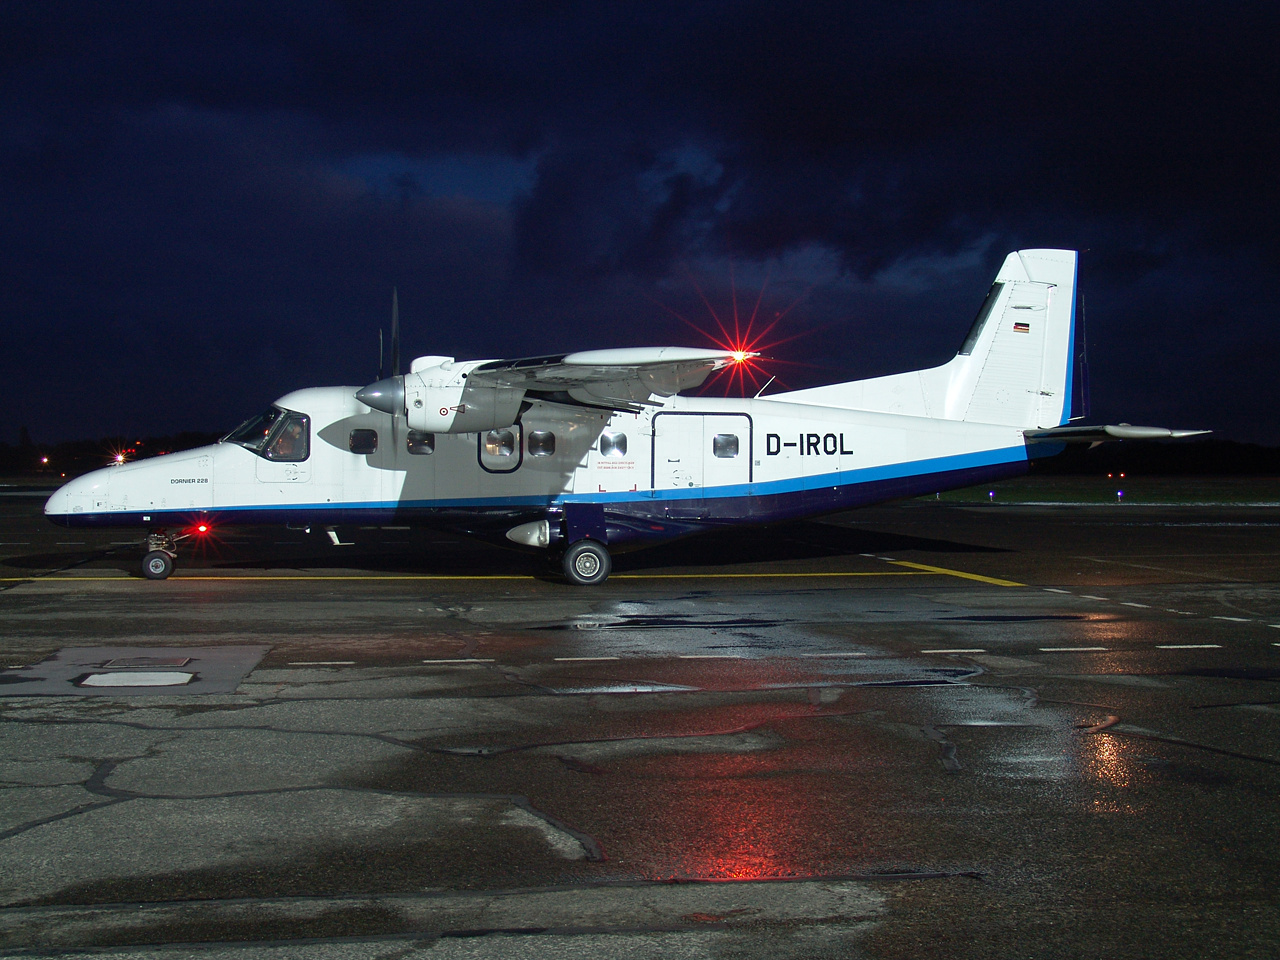 D-IROL-2 DO228 ESS 200501